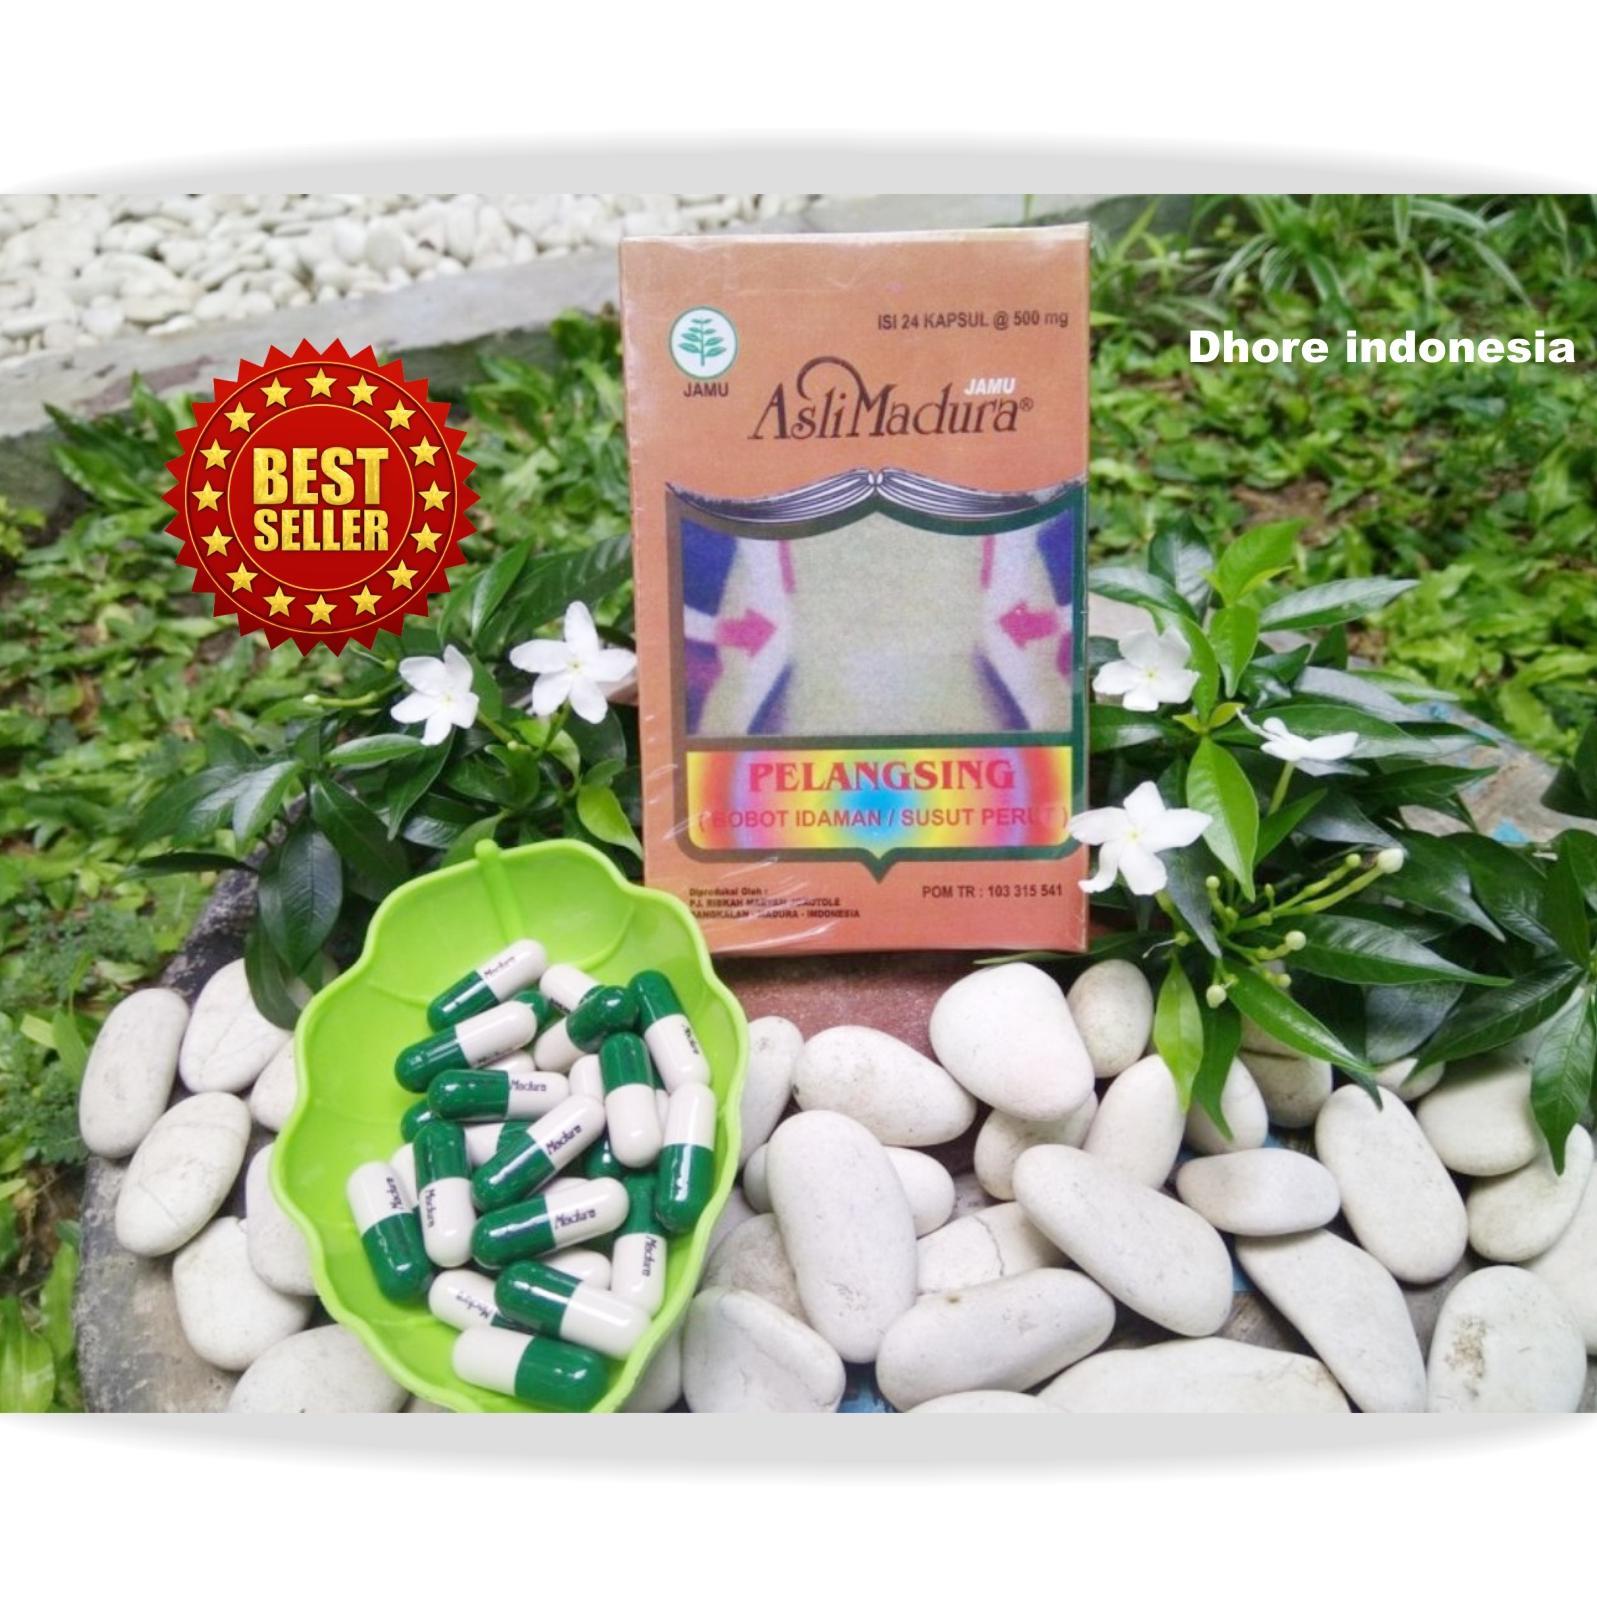 Daftar Harga Obat Pelangsing Sera Terlaris Sehat Ramping Herbal Jamu Penurun Berat Badan Langsing Perut Kecil Original Madura Asli